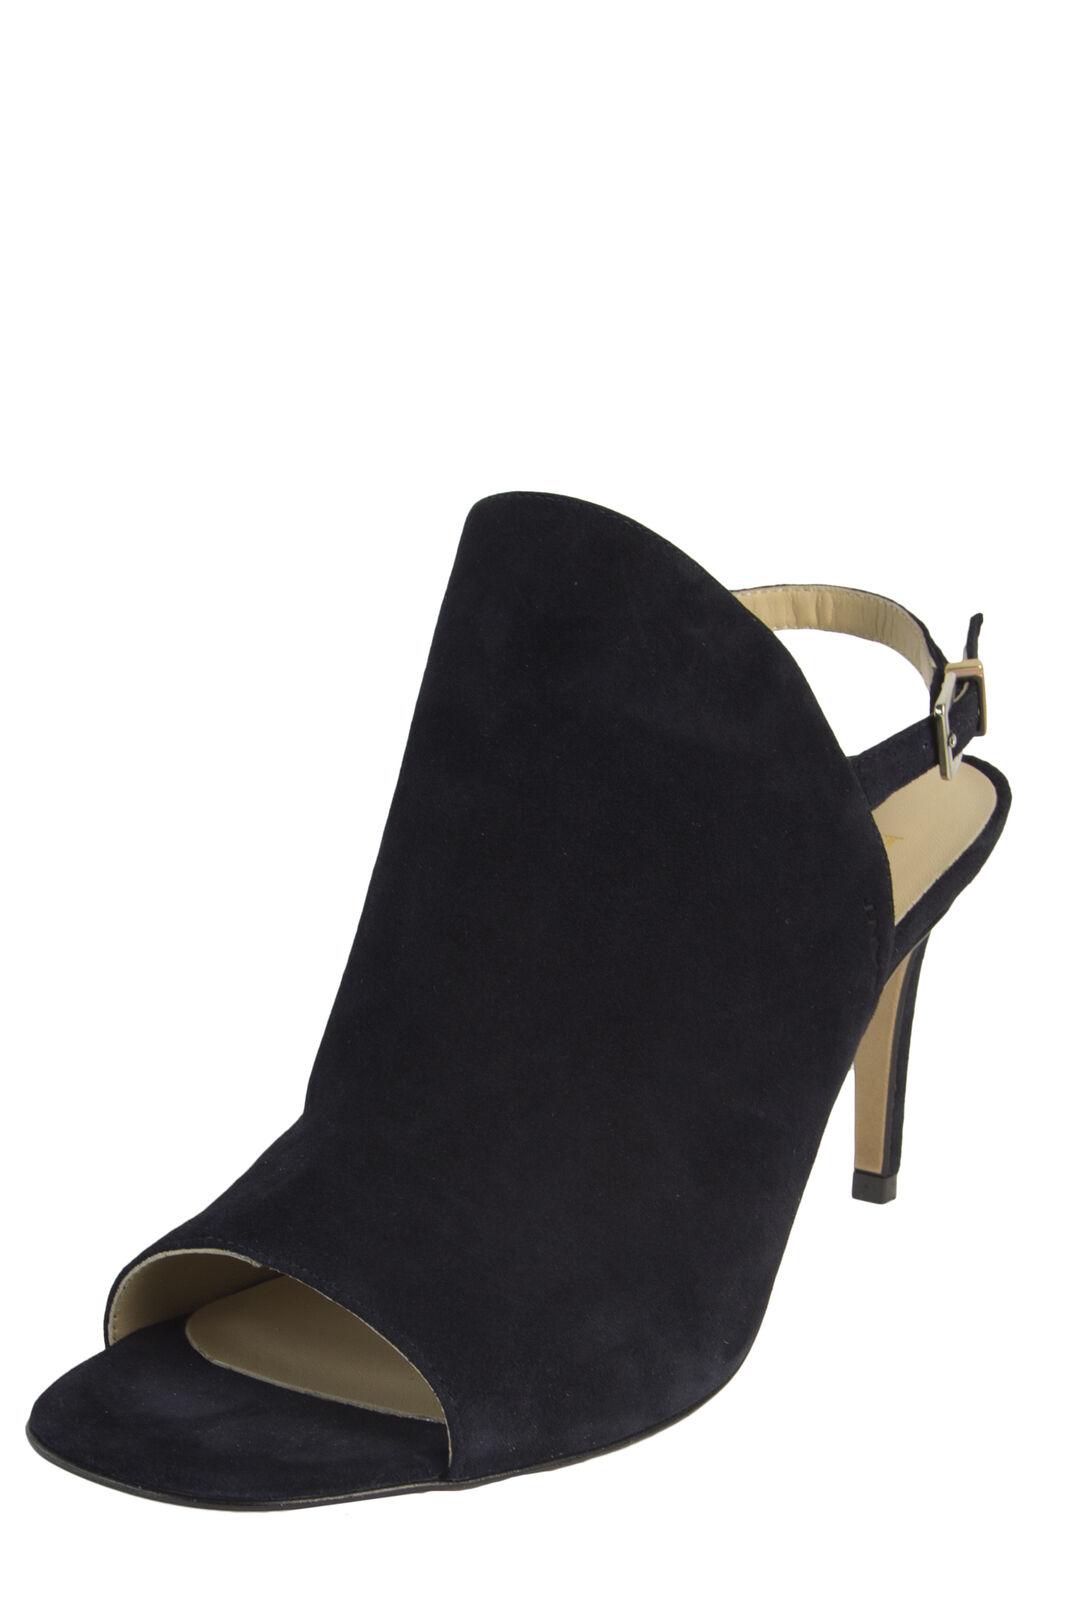 GANT Donna Donna Donna  Dark Navy Elisabeth Heeled Sandals 10563595  295 NWT 9c11df